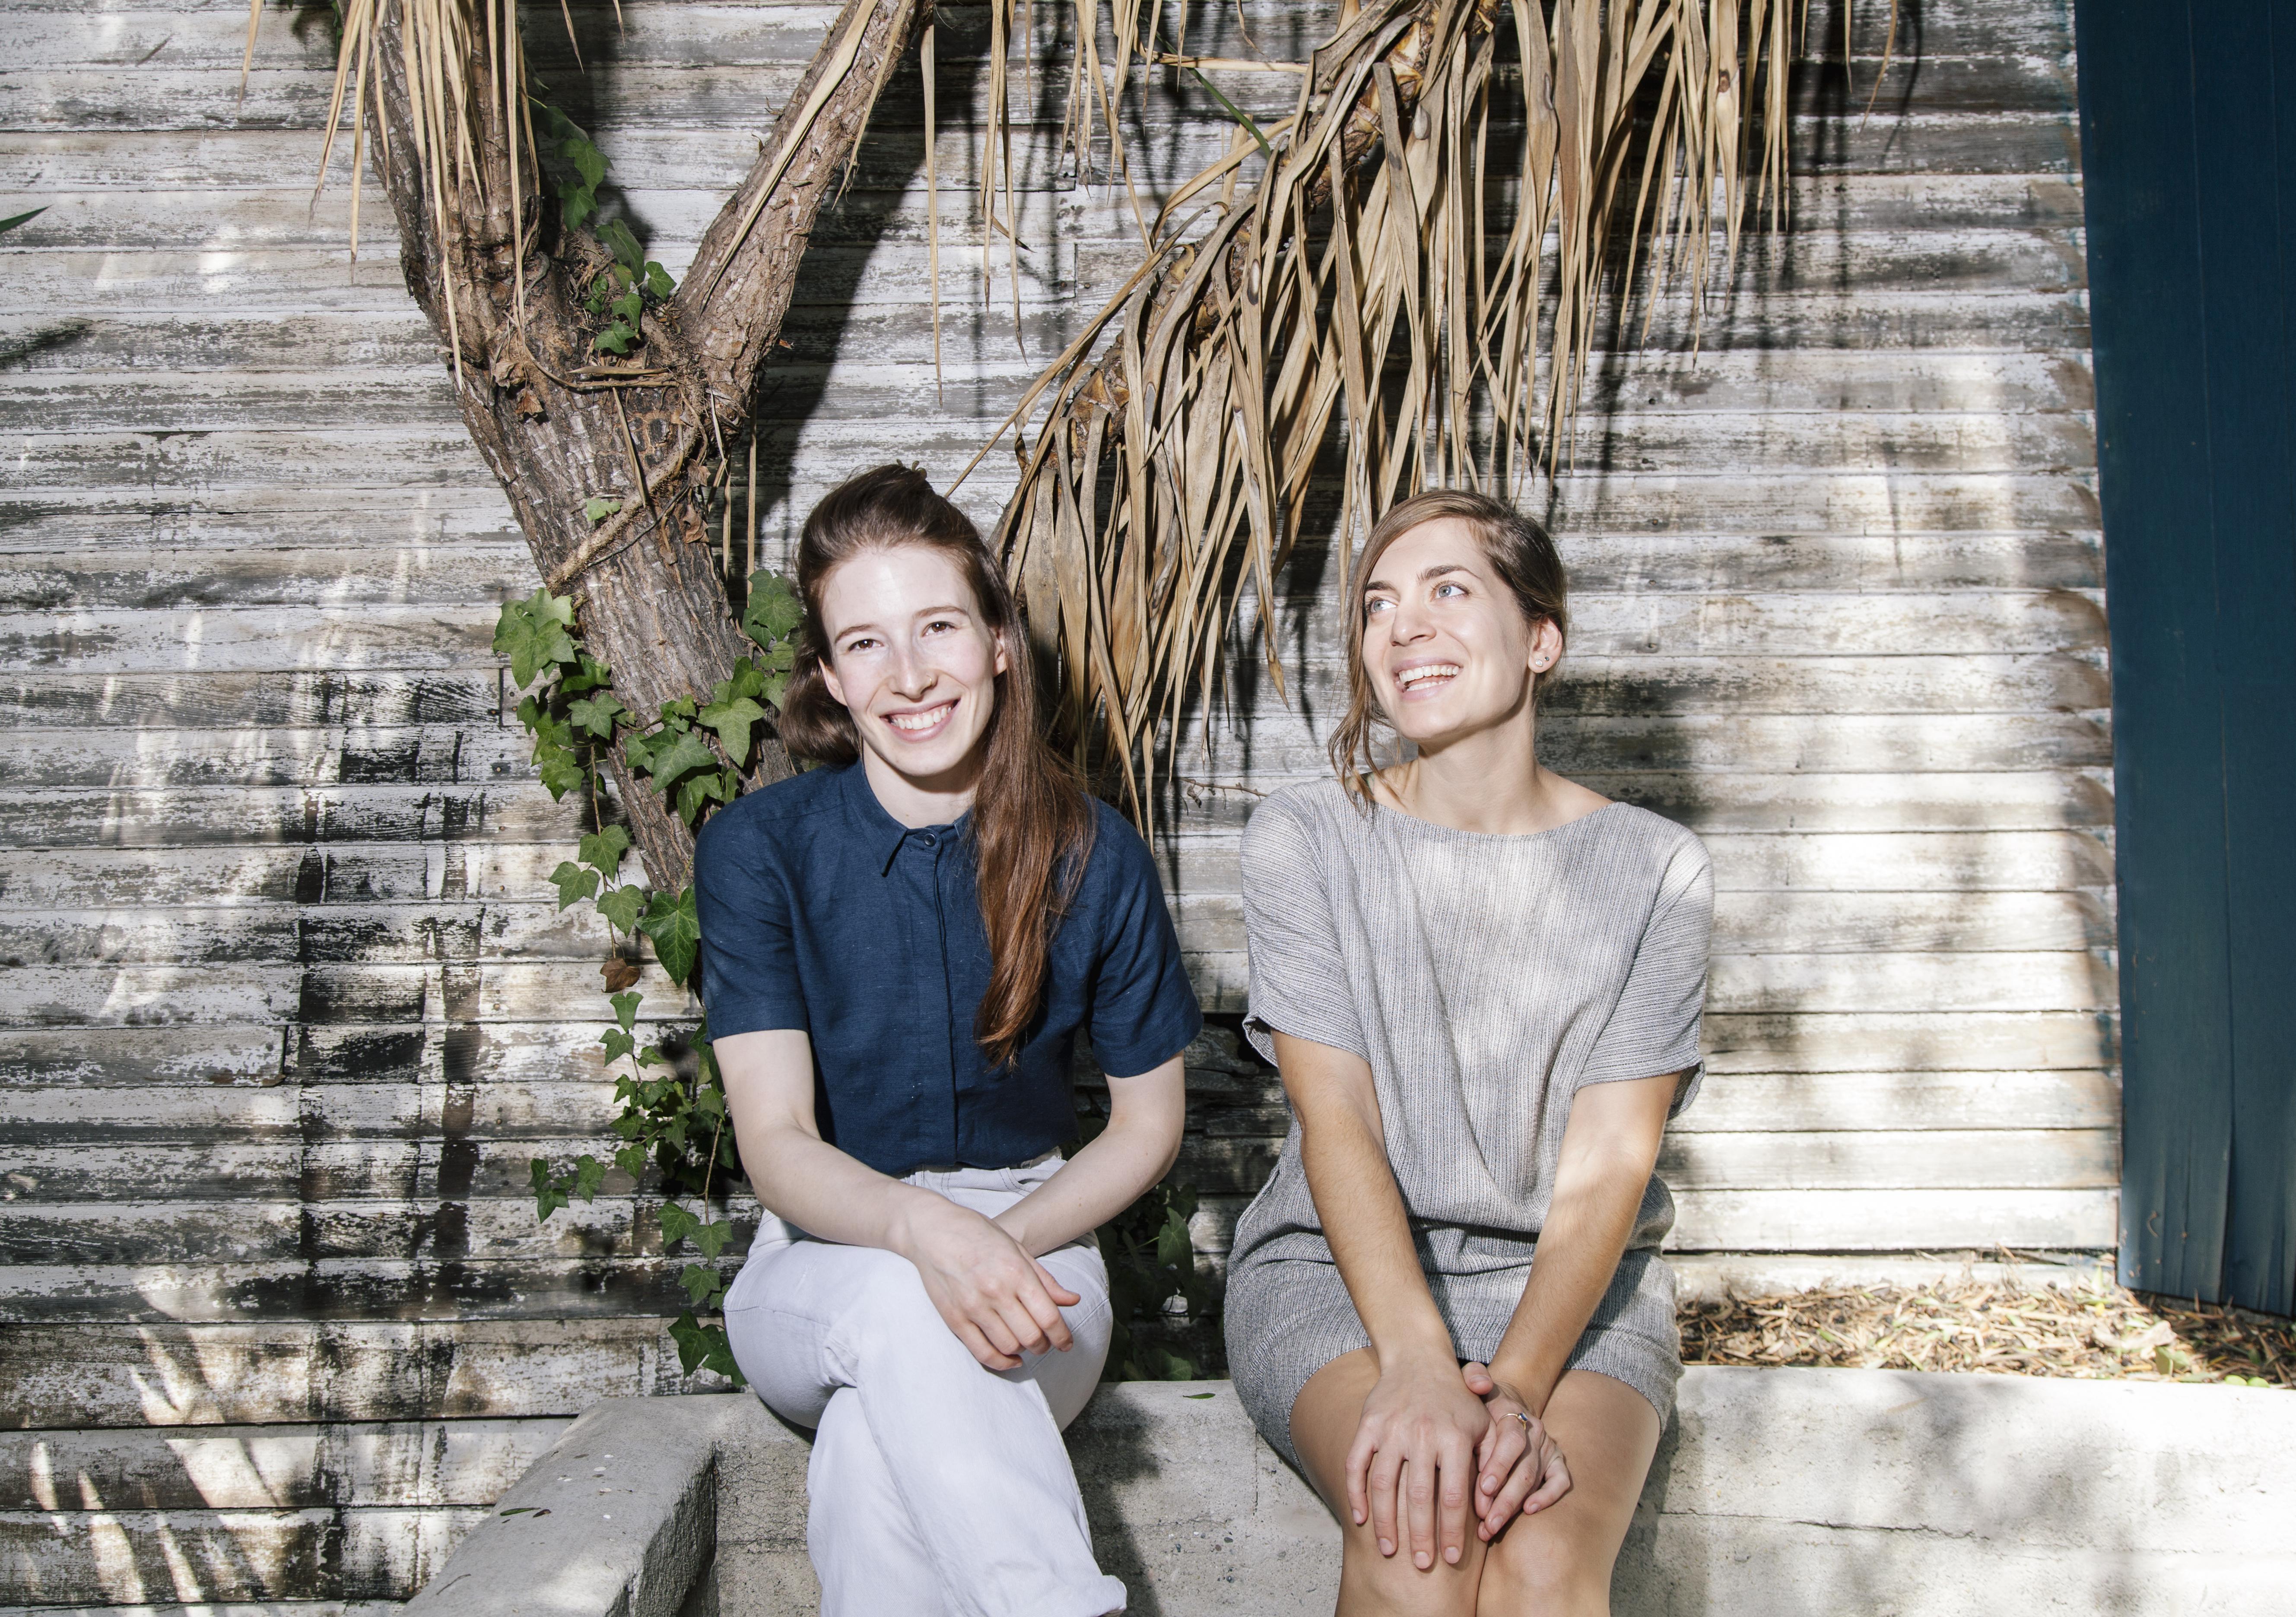 Sarah Hymanson (left) and Sara Kramer (right)